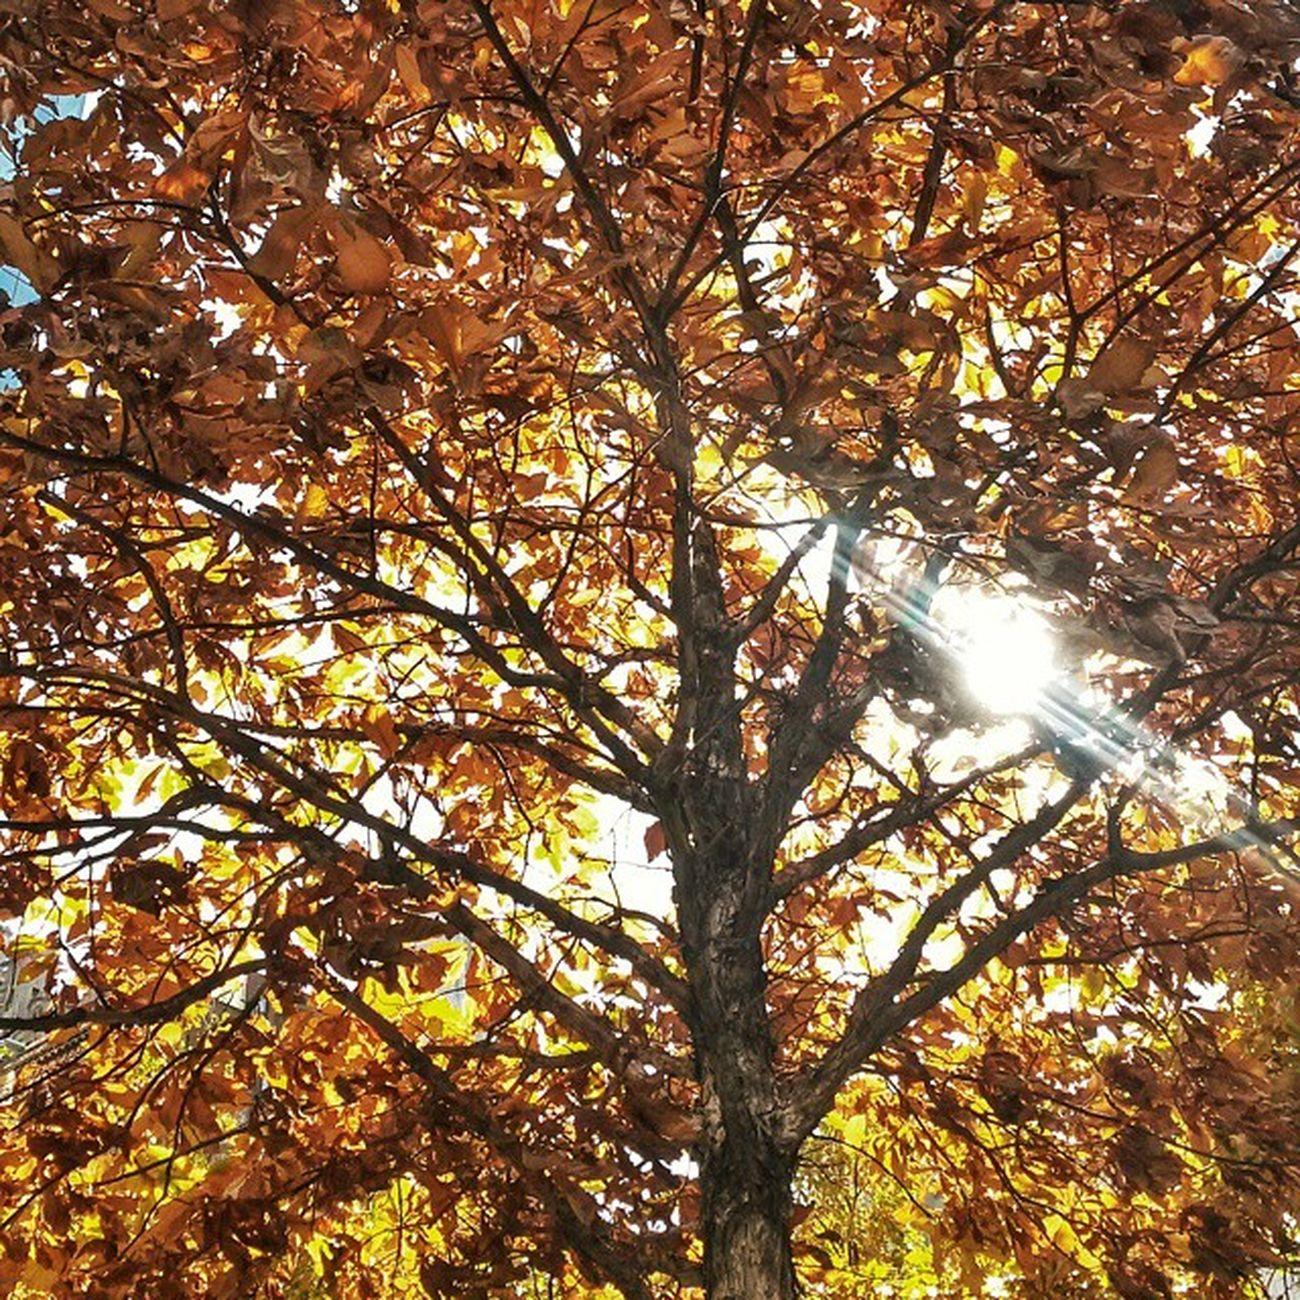 E o outono vem chegando de mansinho. É tempo de renovação! Eutonanuvem Outono Carioquissimo Jornaloglobo vejario rioeuteamo rioguiaoficial errejota riooutdoor riodejaneiroinstagram arvore nature natureza